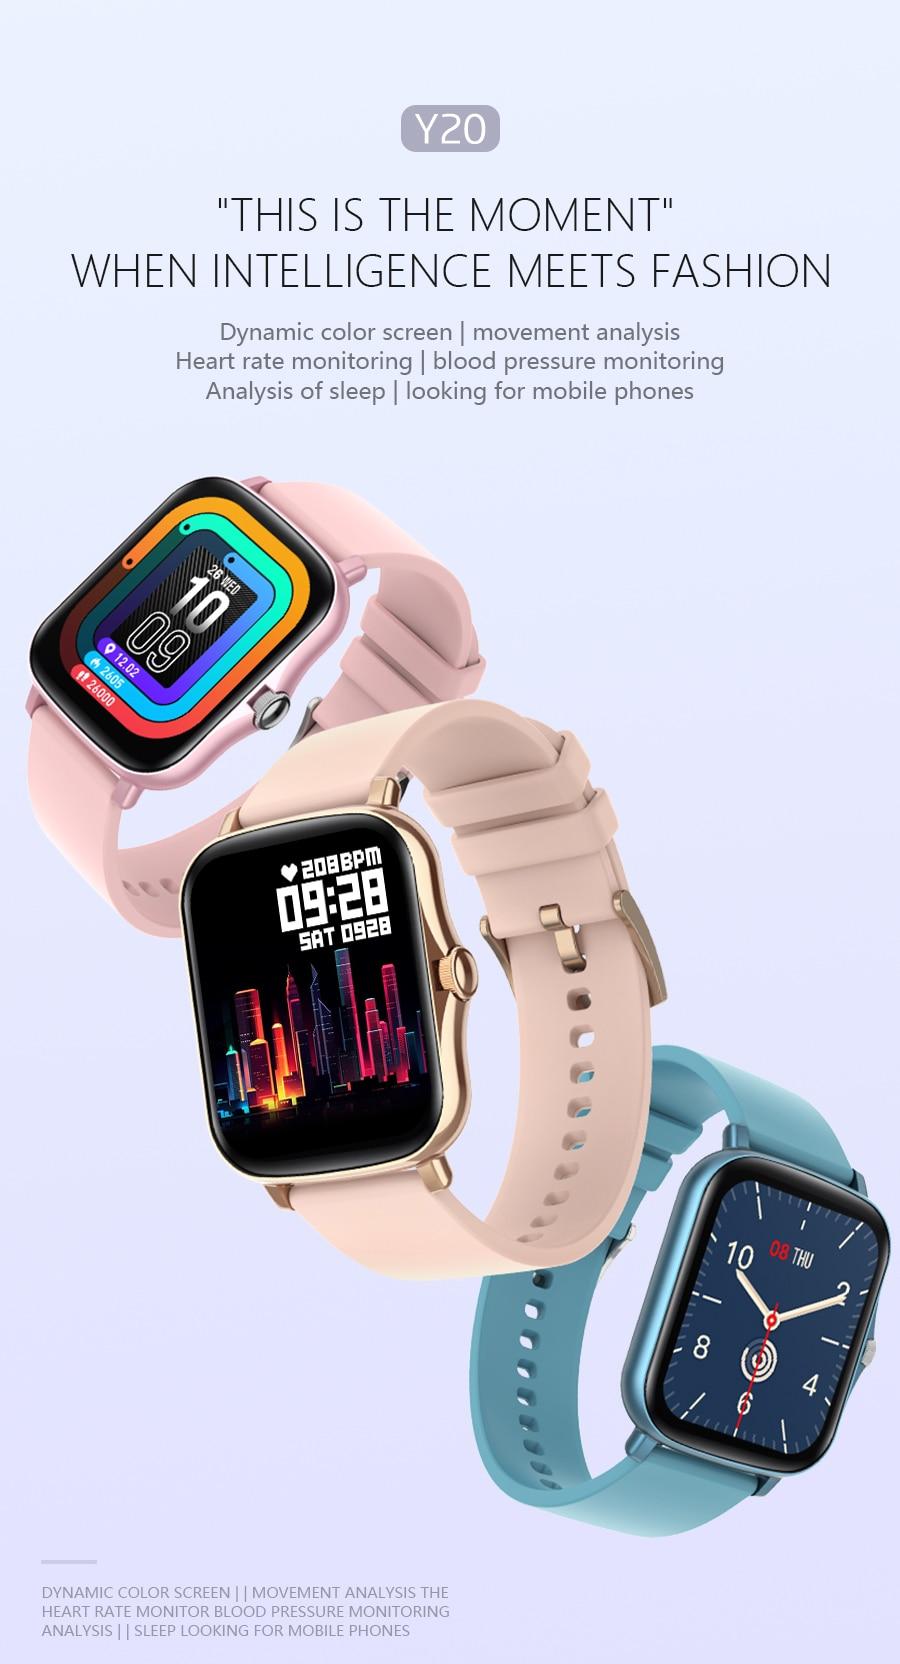 Hb9e0a79fc5df432c881a70d6acaf6e4dl Full Touch Y20 Sport Smart Watch Men Women IP68 custom dial Heart Rate Fitness Tracker Smartwatch wristwatch GTS 2 P8 plus